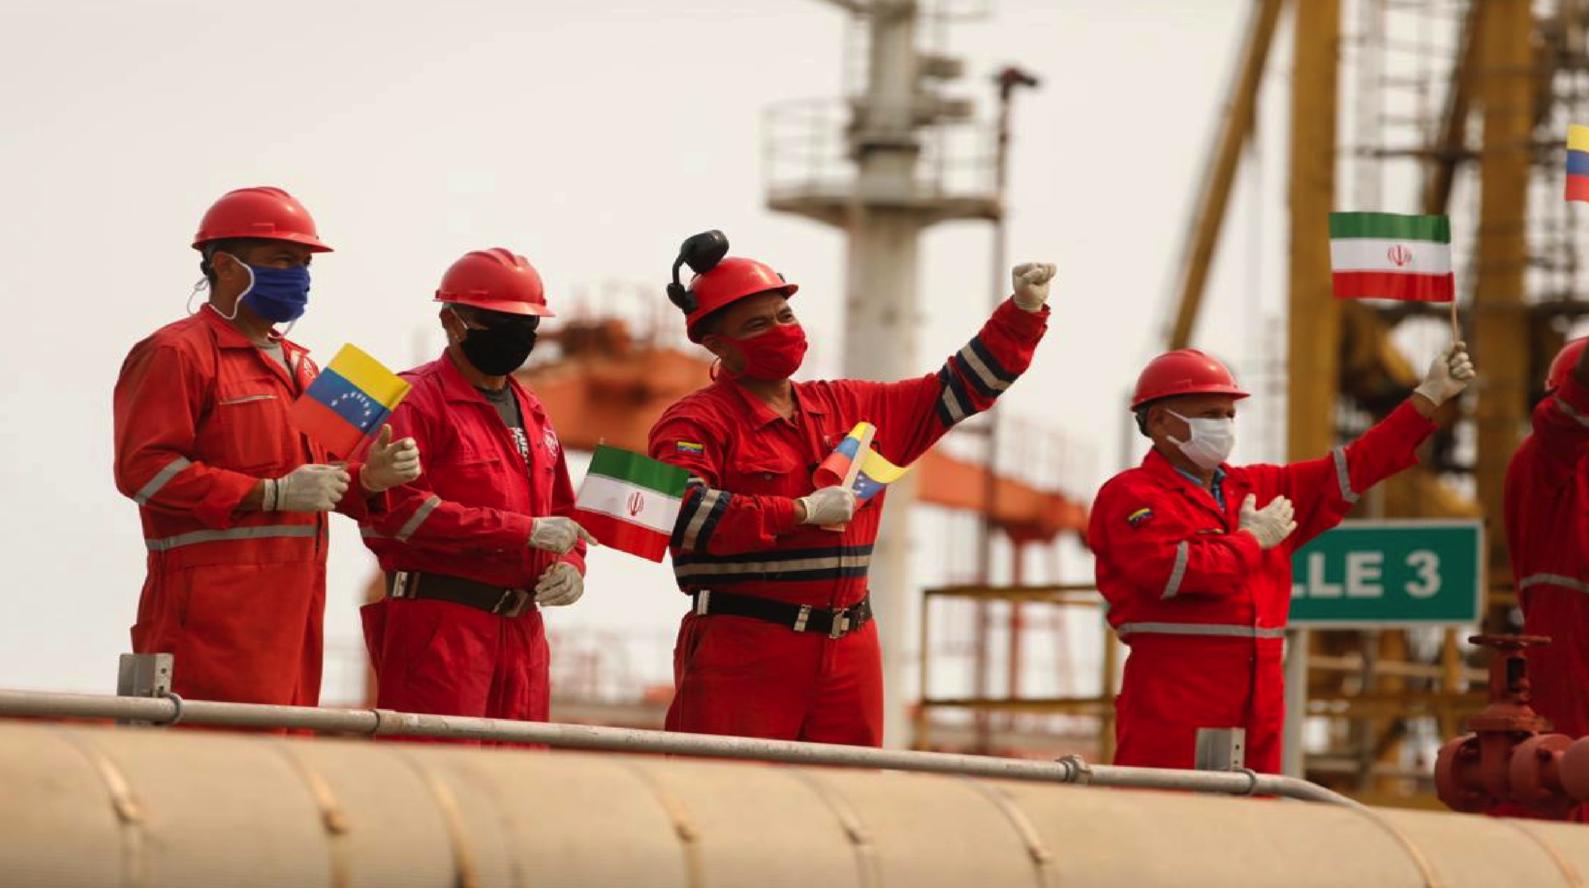 عمال شركة النفط الفنزويلية الحكومية يحملون العلمين الإيراني والفنزويلي بعد وصول شحنة وقود إيرانية إلى مصفاة تكرير